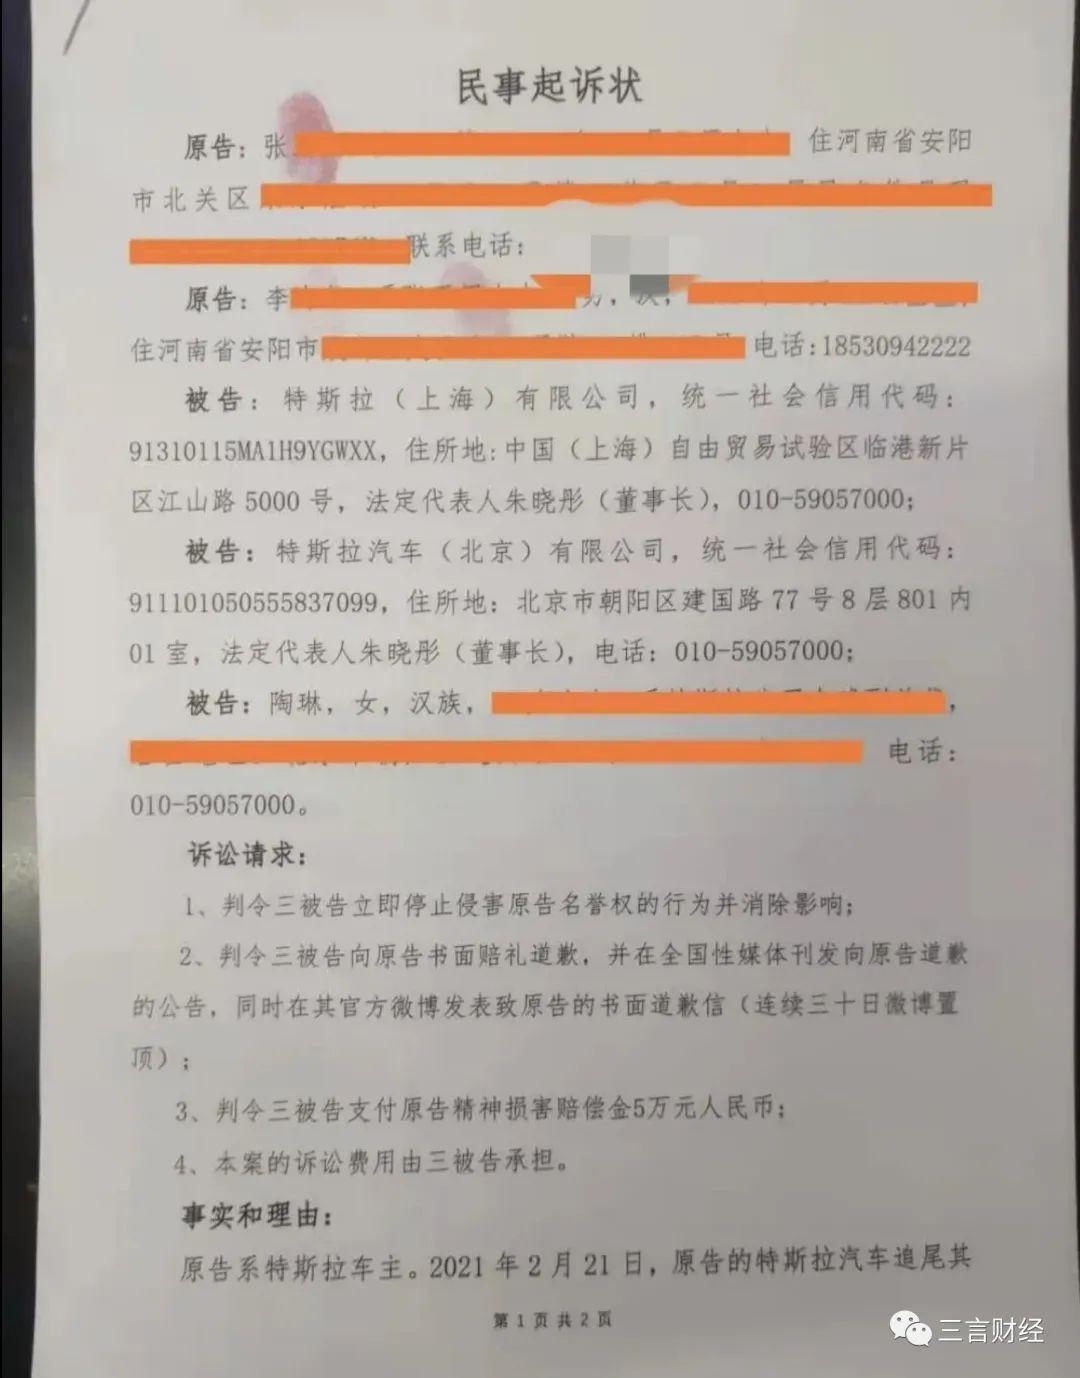 维权女车主起诉特斯拉及陶琳:发布不实言论,索赔5万元